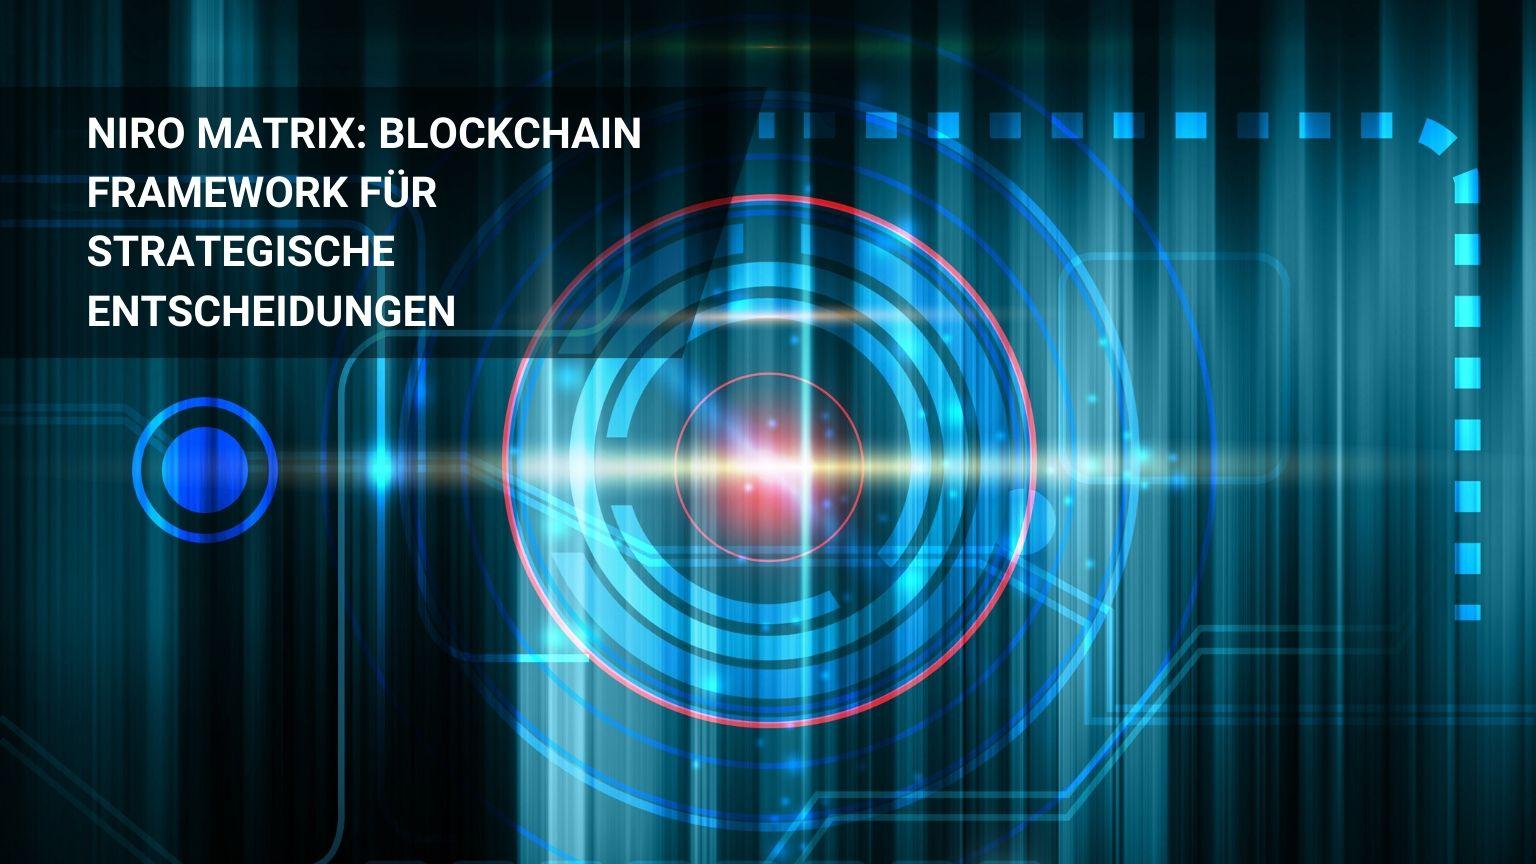 Blockchain Framework für strategische Unternehmensentscheidungen!